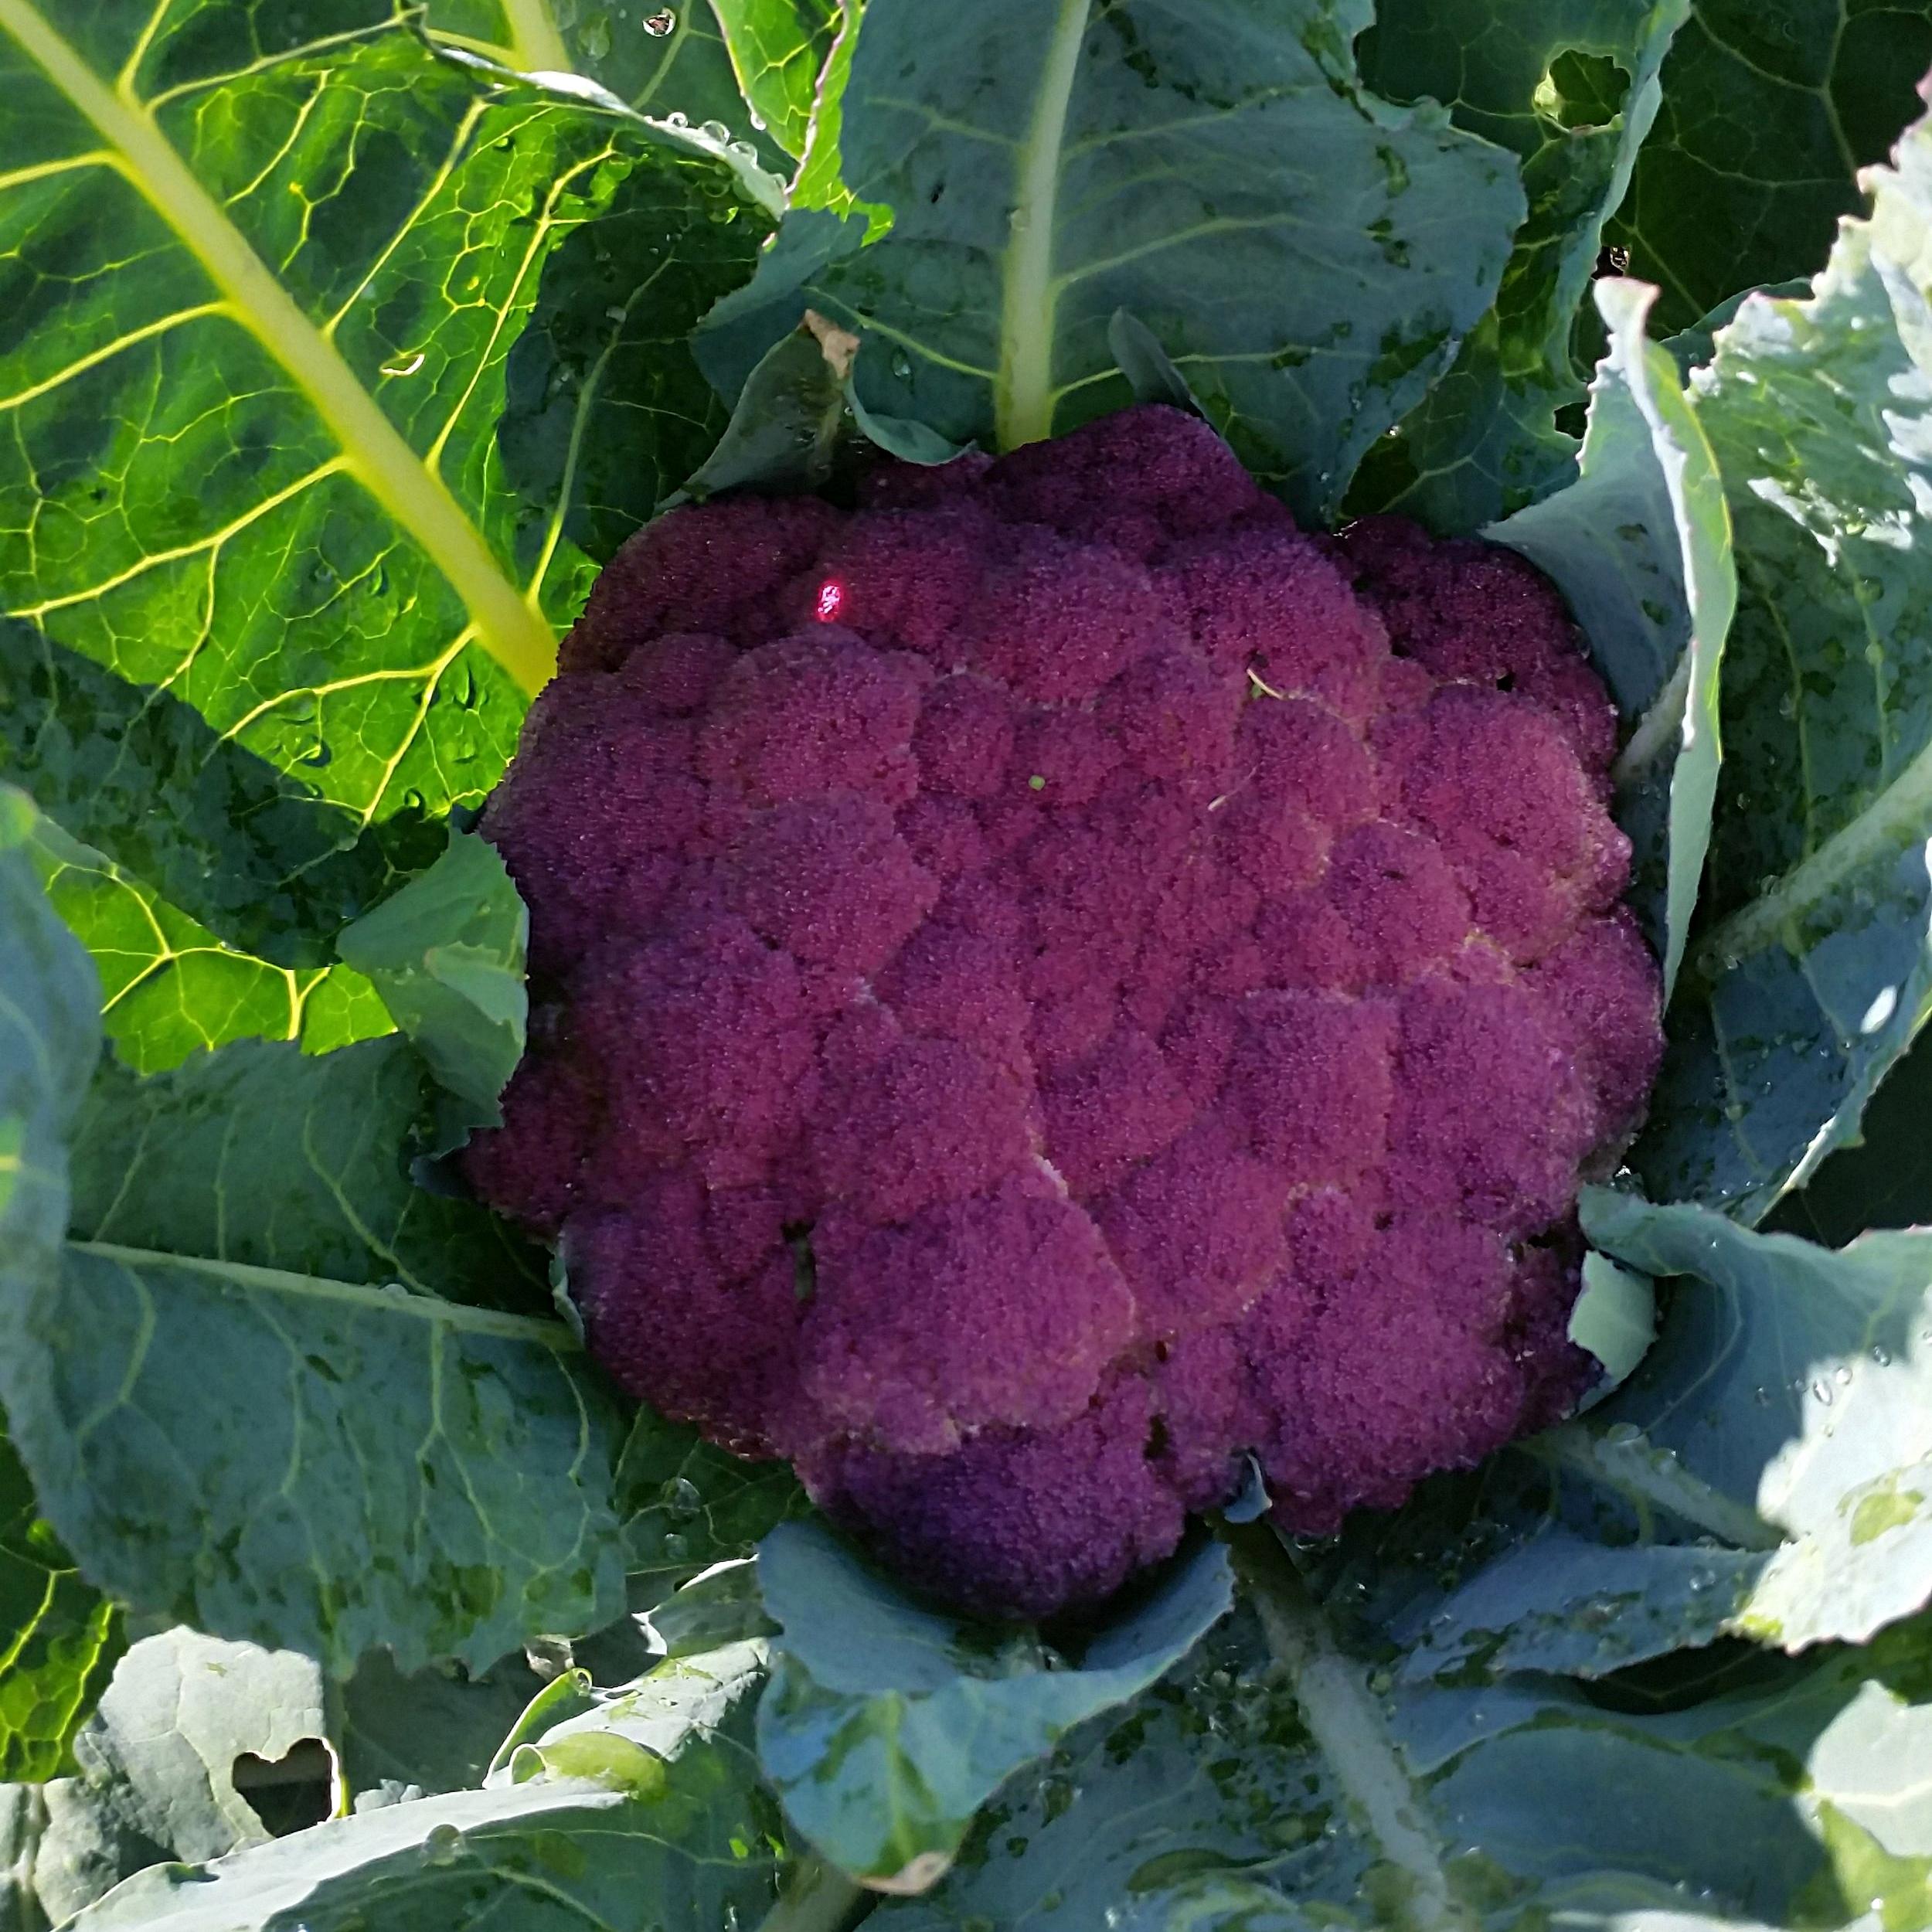 Purple heirloom cauliflower